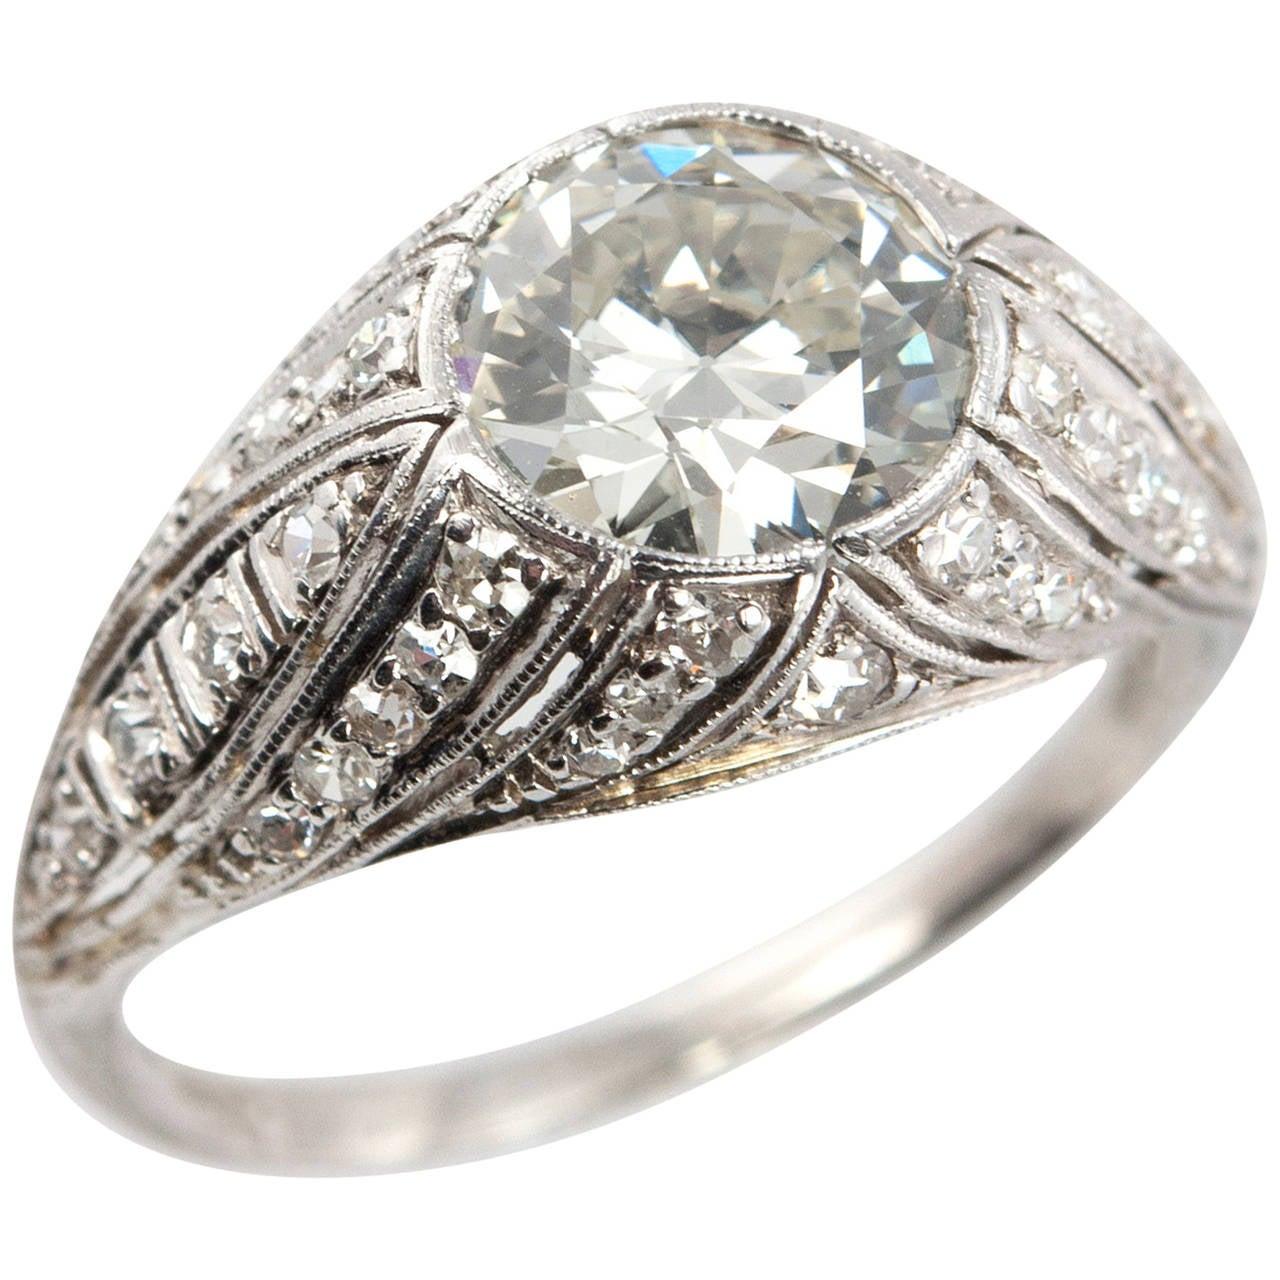 Art Deco 1.29 Carat Diamond Platinum Engagement Ring